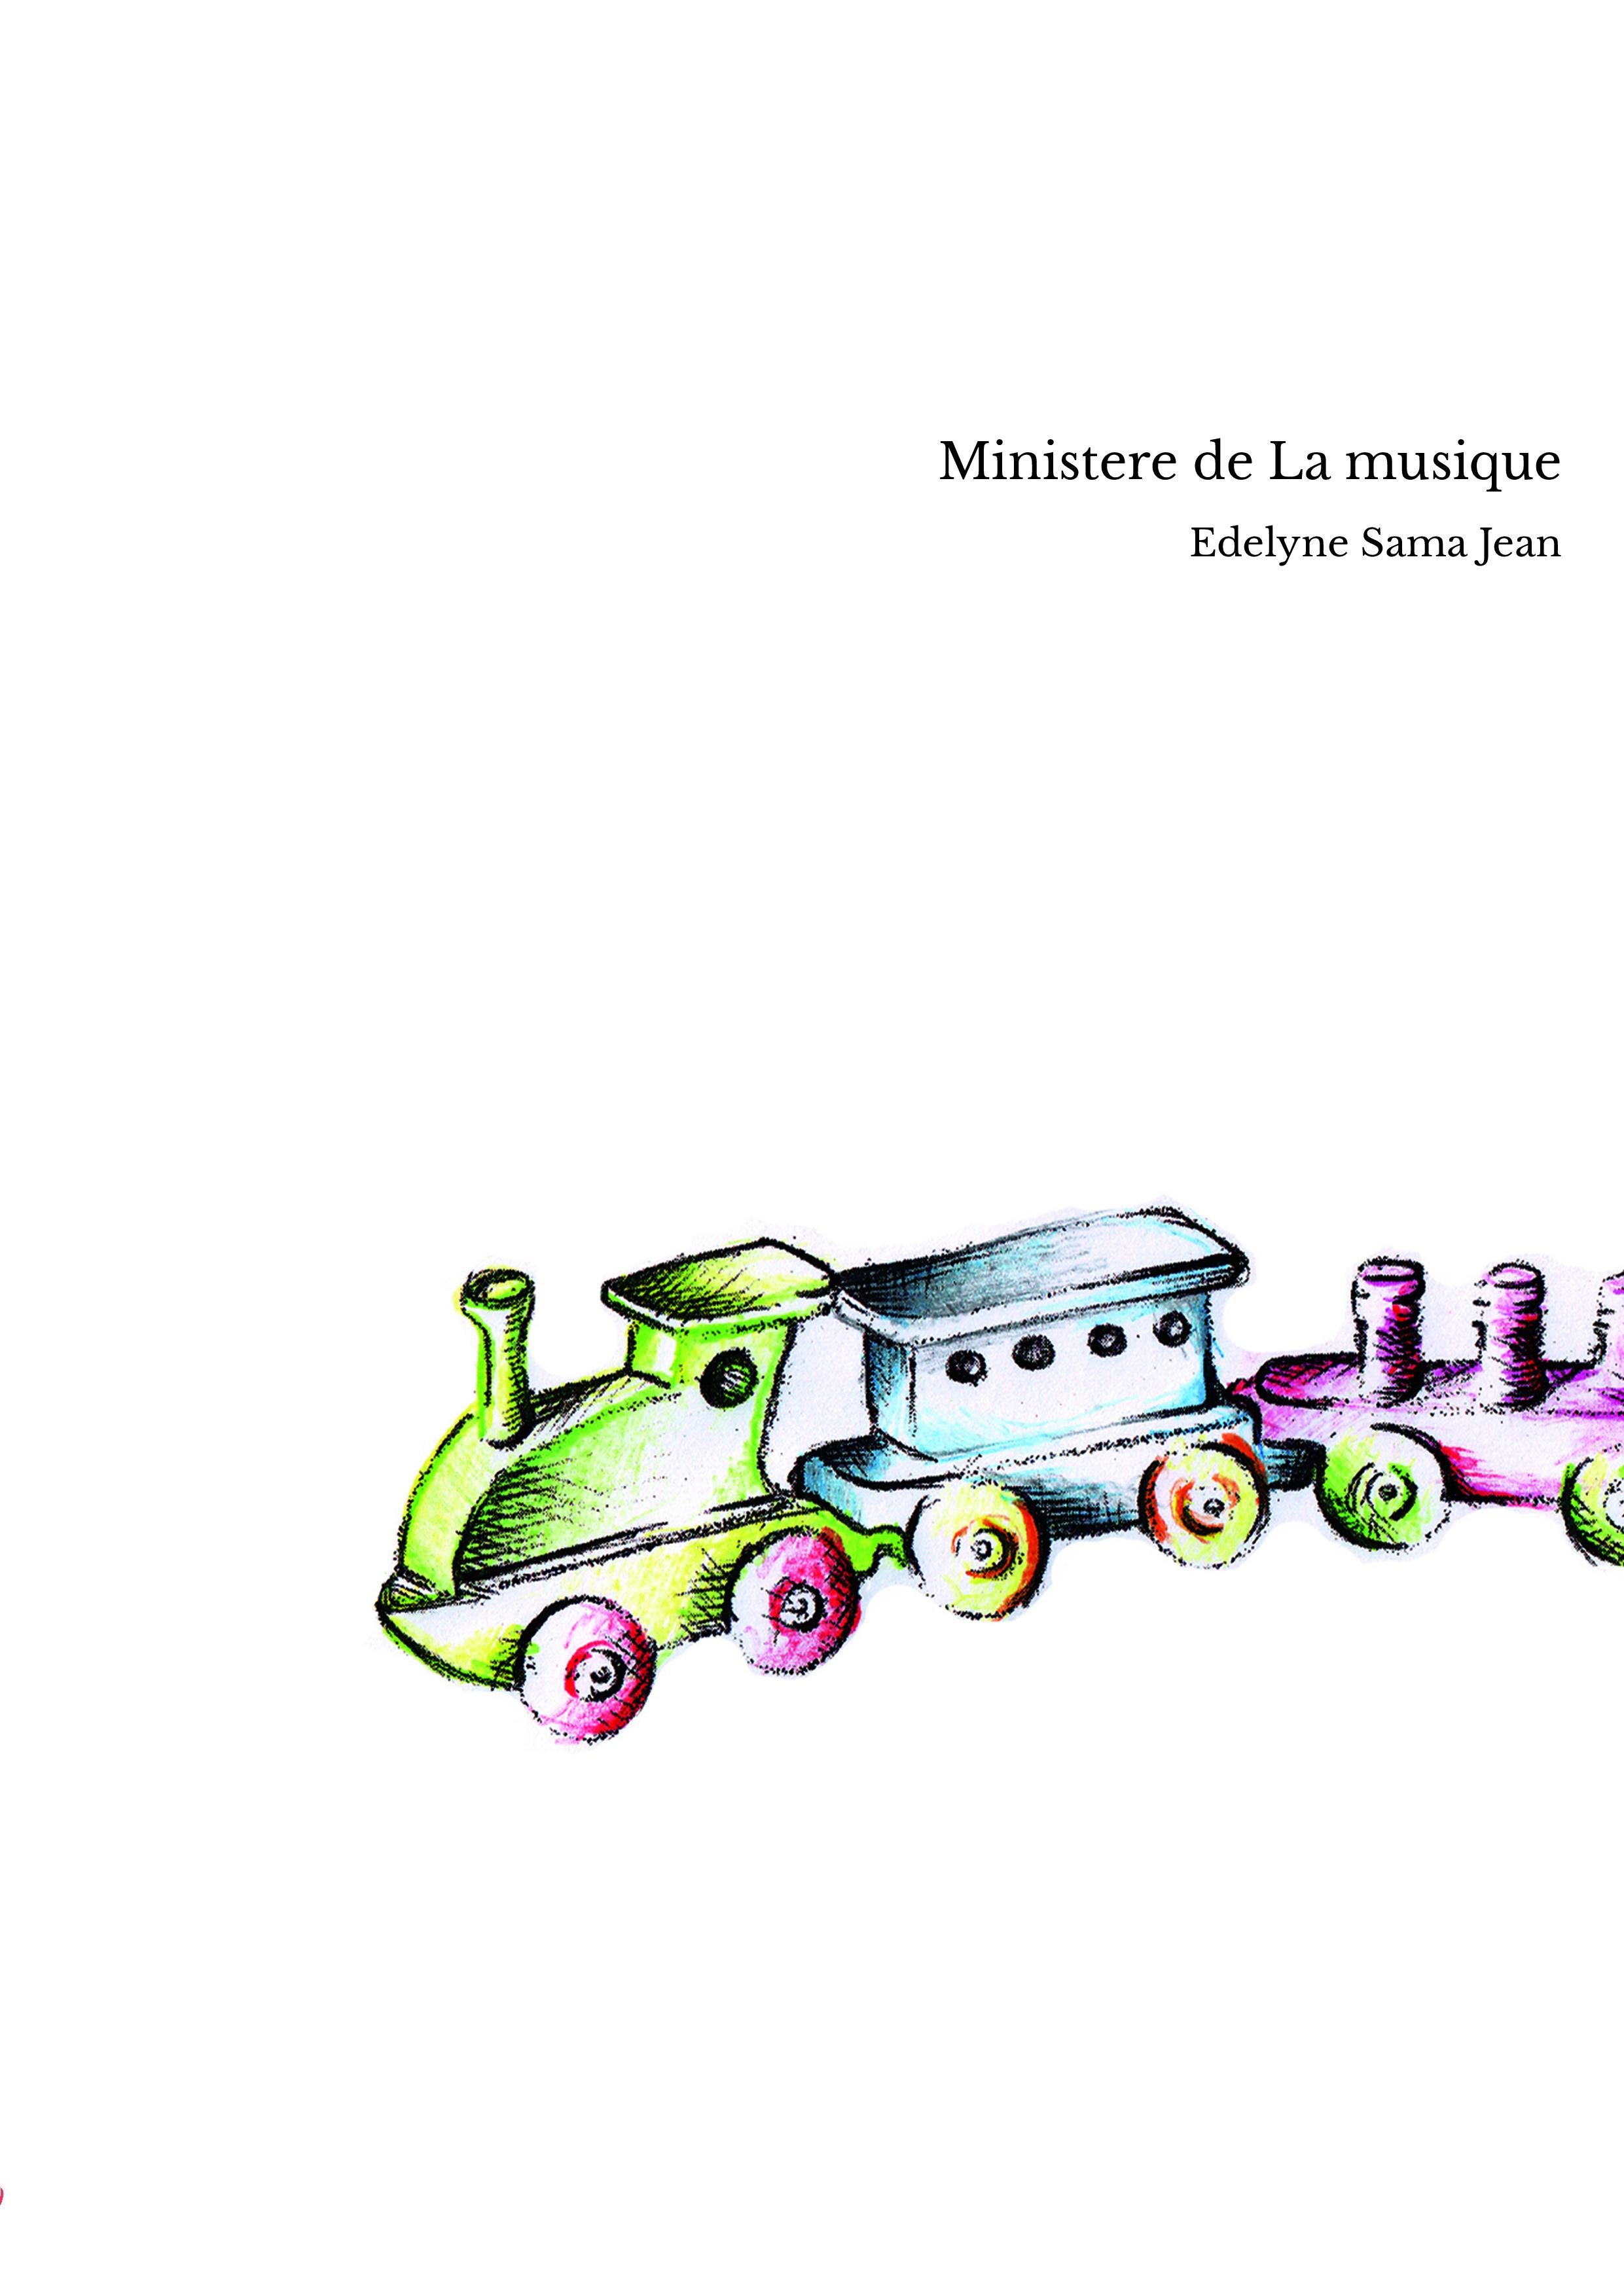 Ministere de La musique